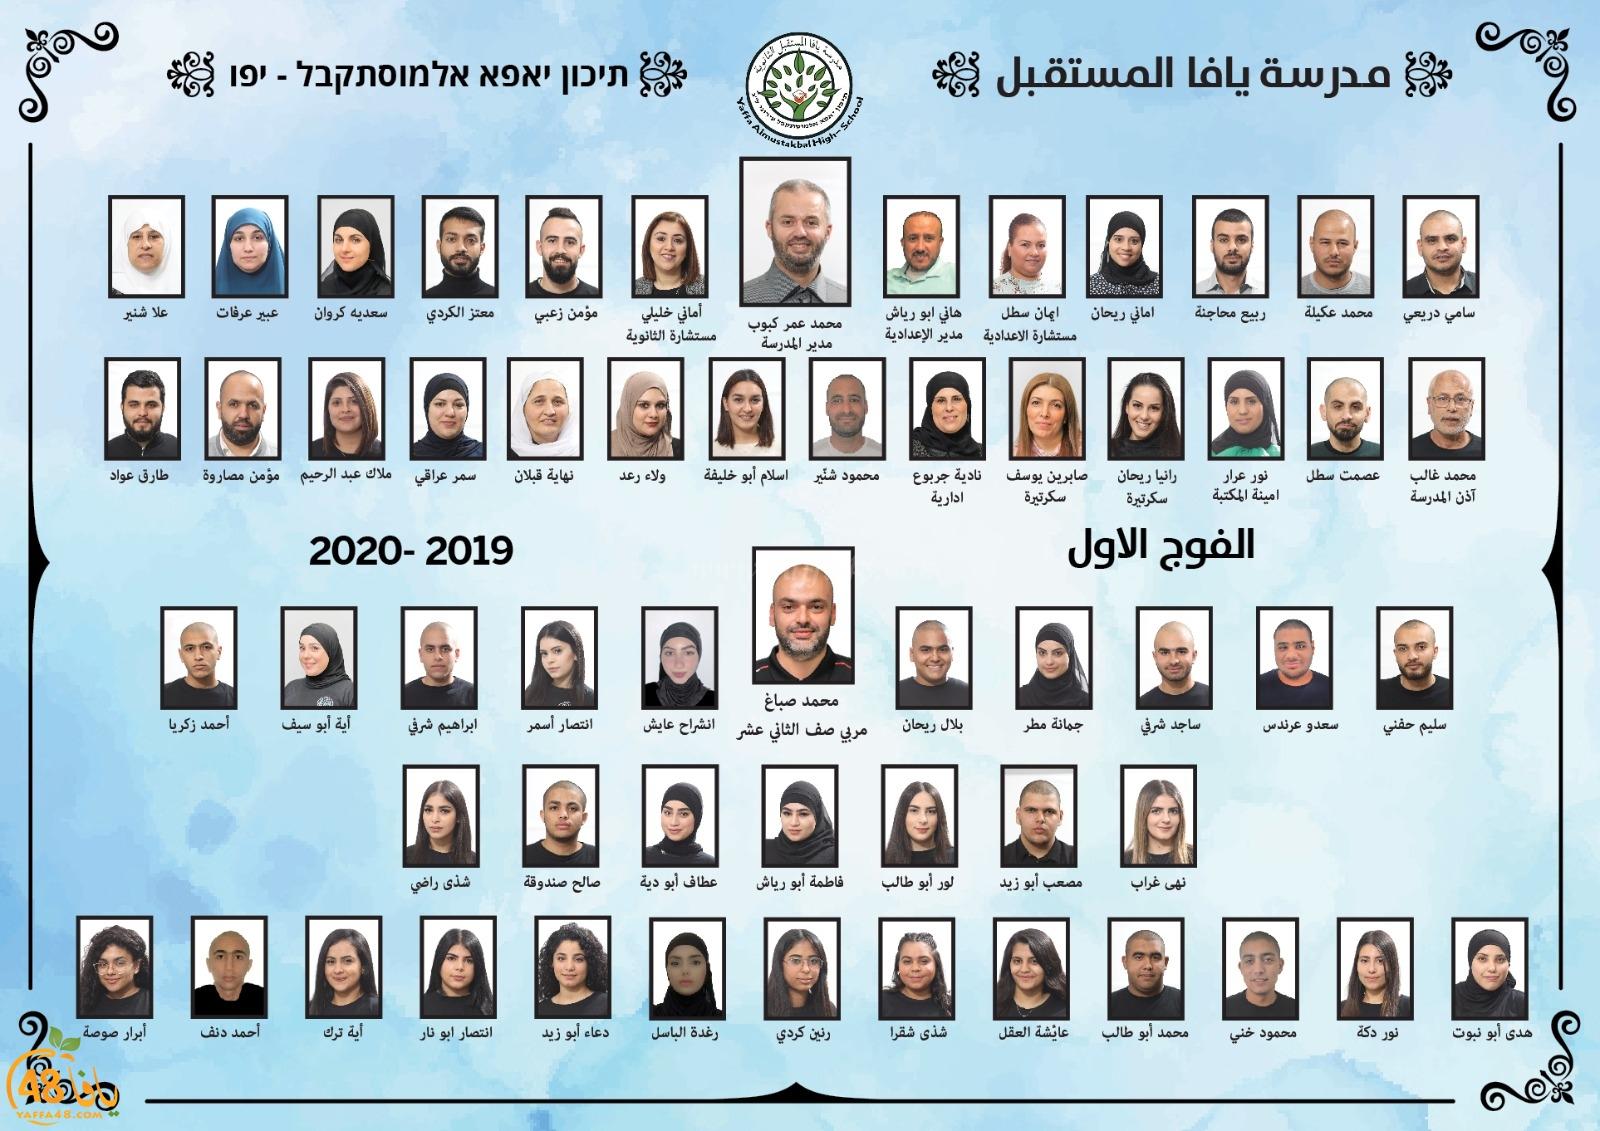 ثانوية يافا المستقبل تحتفل بتخريج فوجها الأول